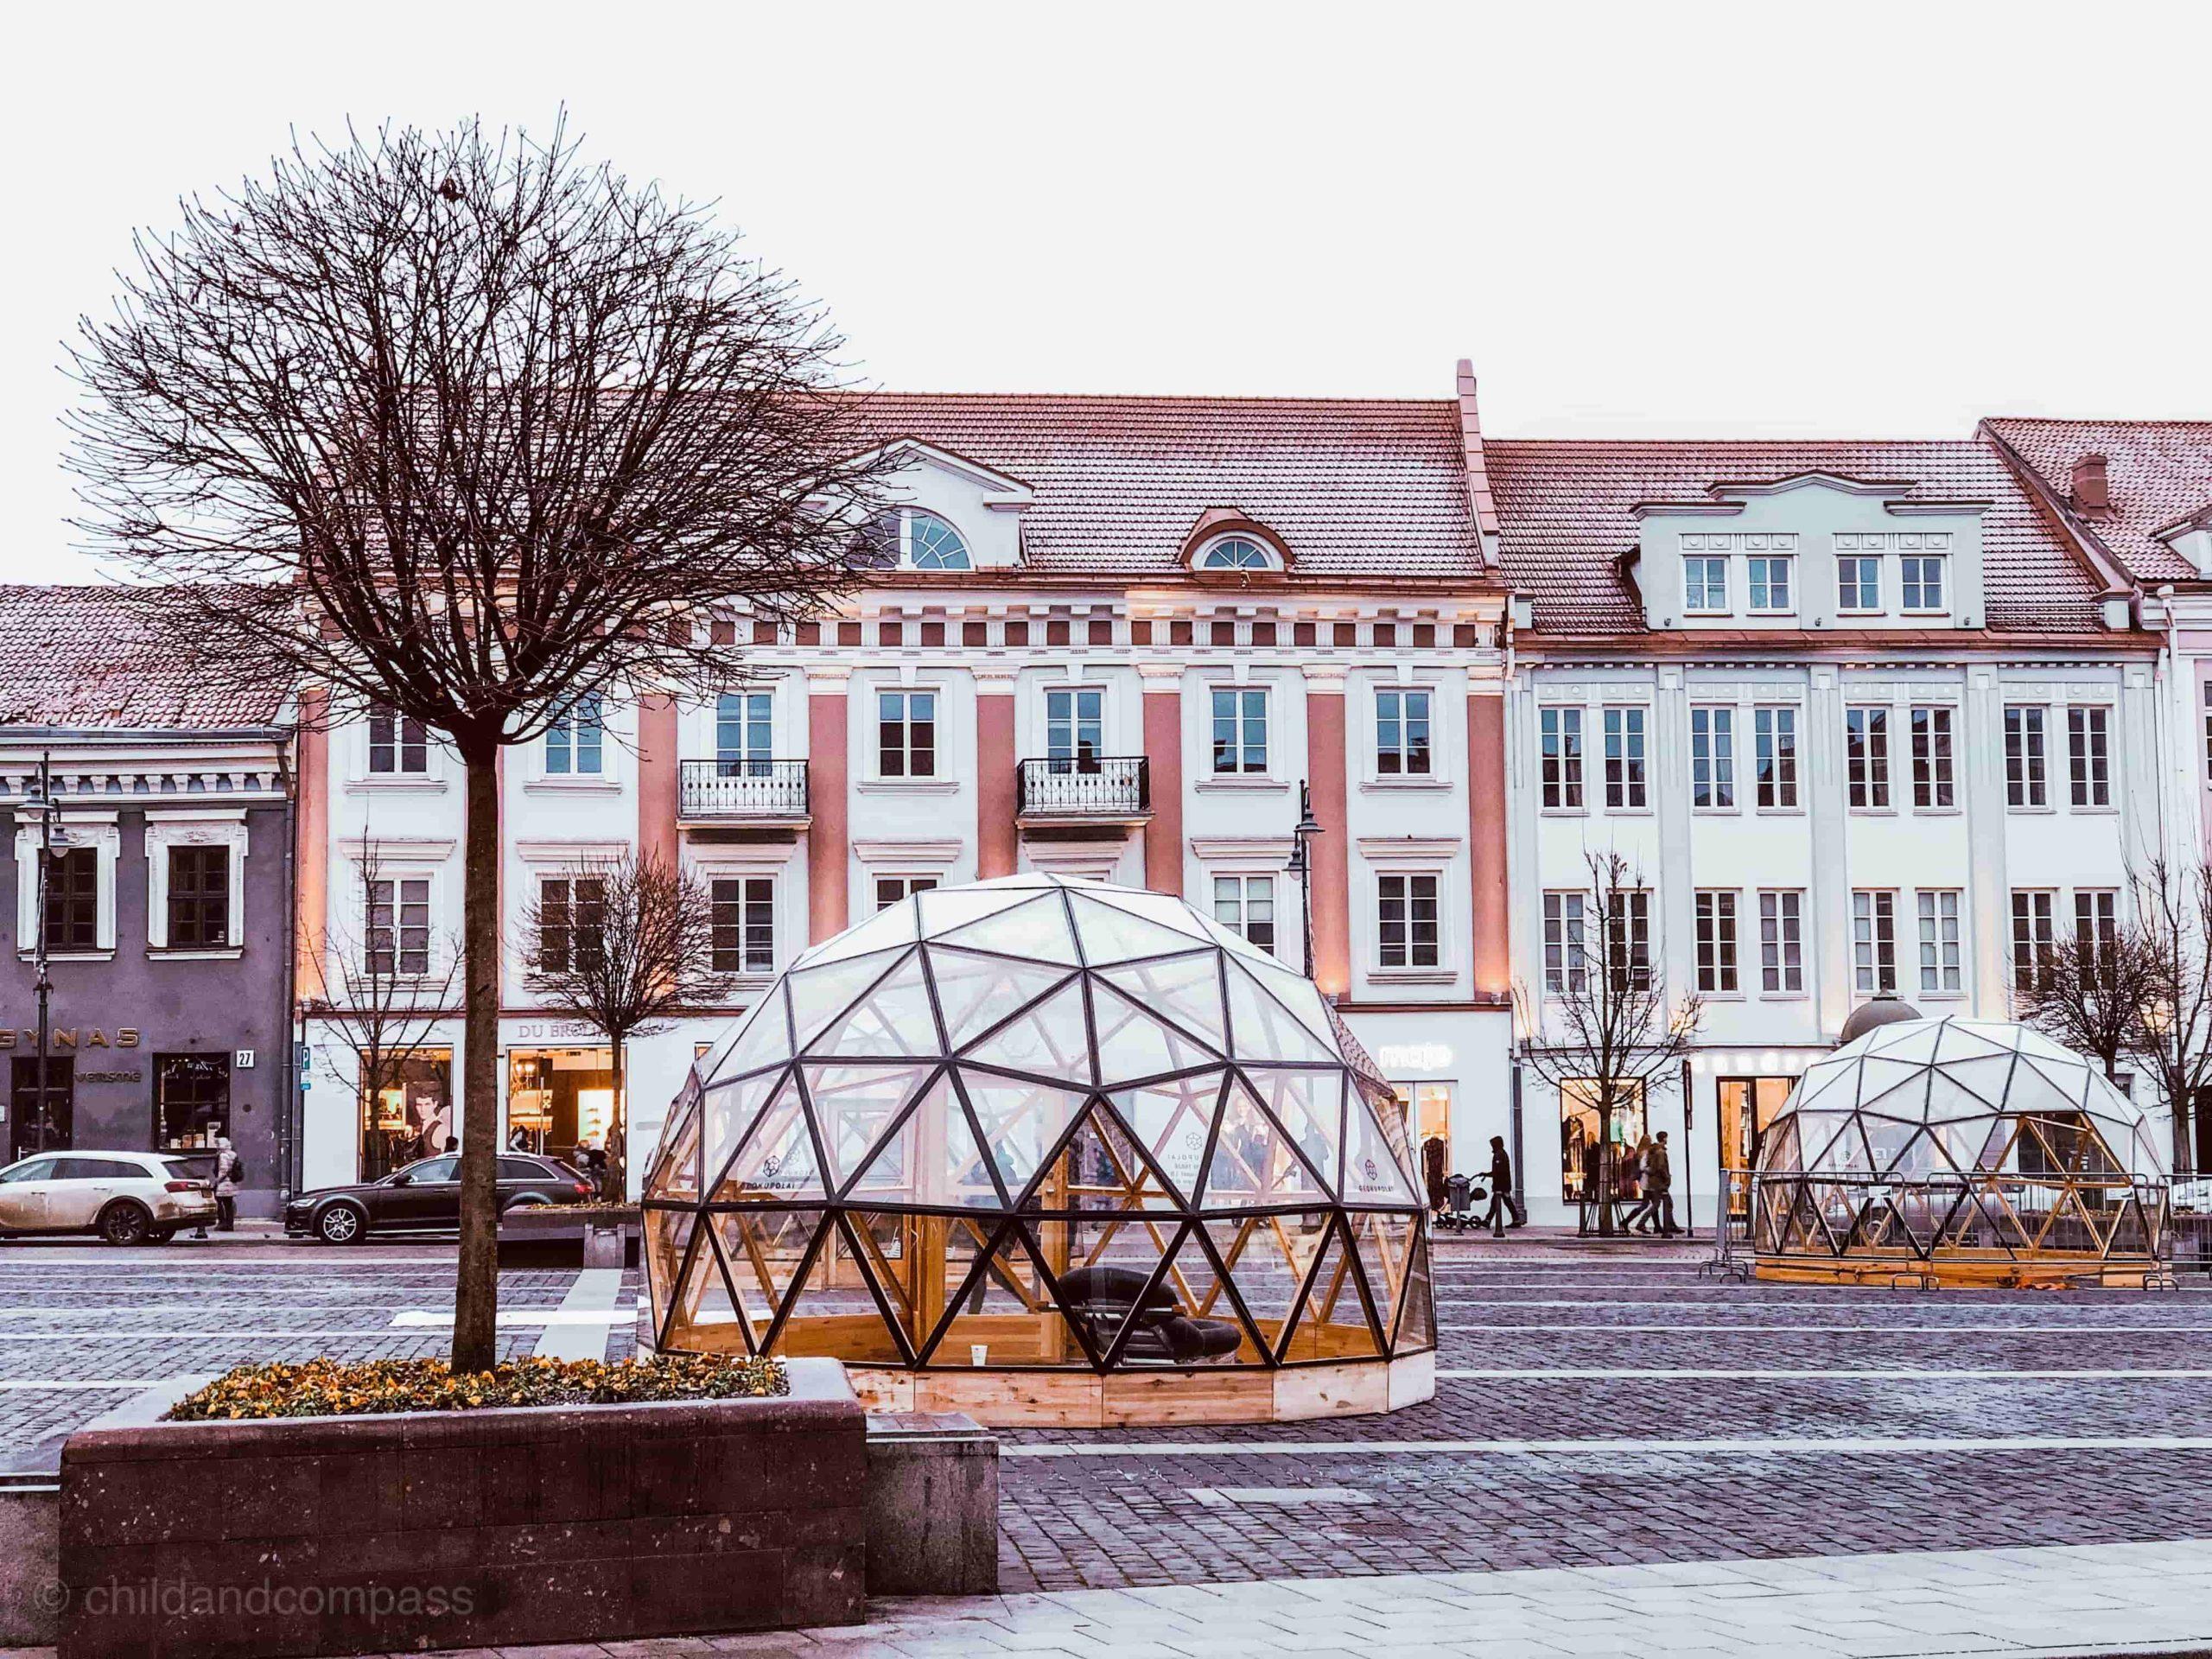 Städtereisen an Ostern, Tipps für Osterurlaub, Städtetrip an Ostern, Vilnius Litauen, Sehenswürdigkeiten